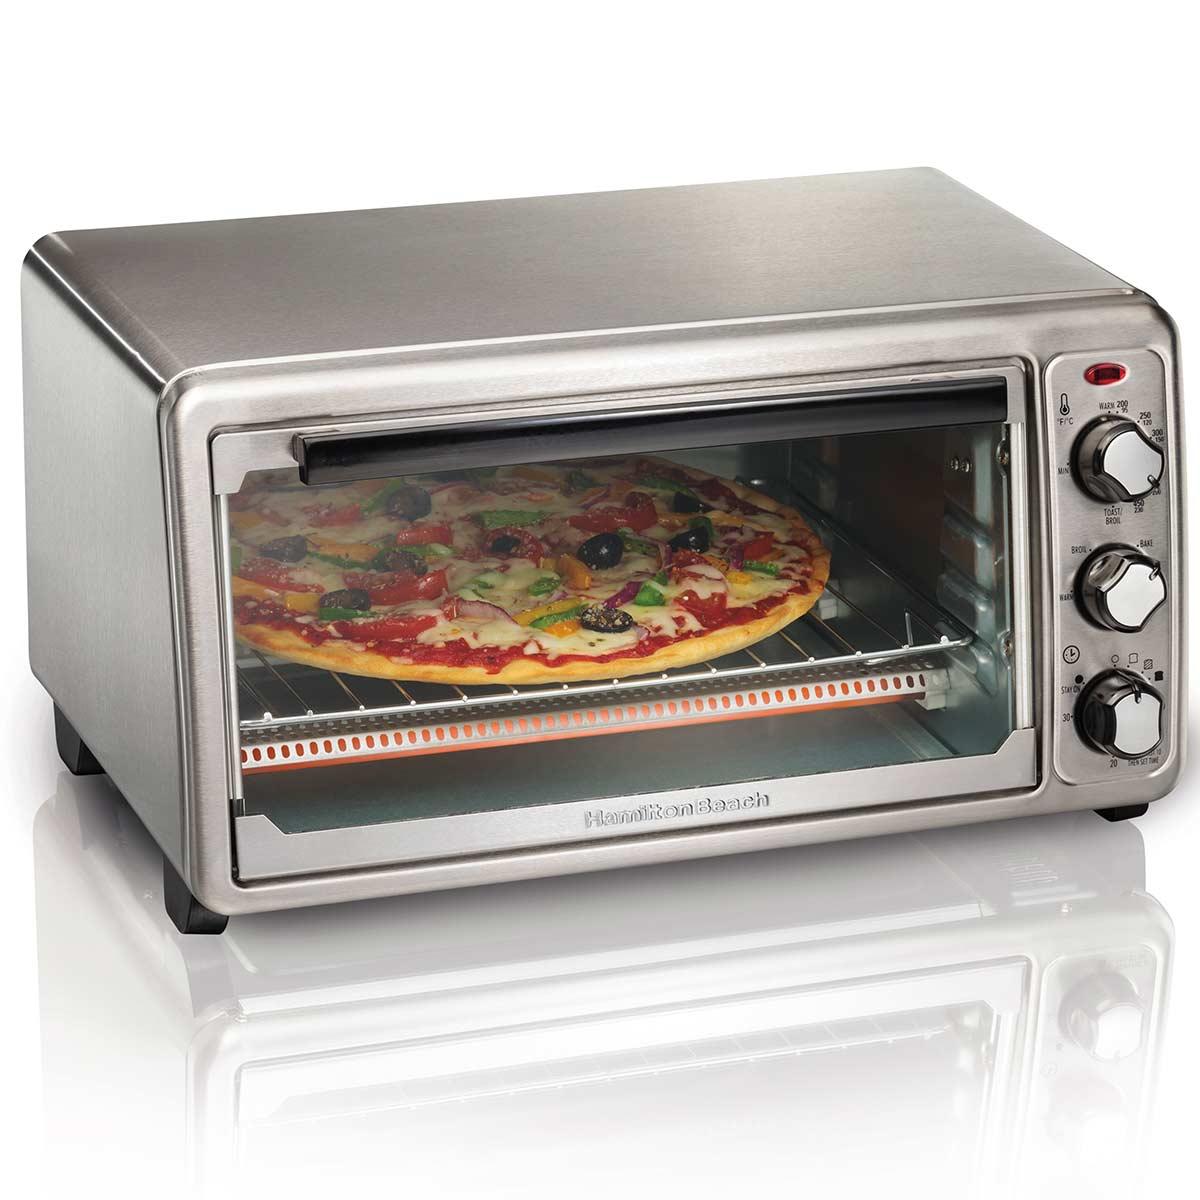 Hamilton Beach Stainless Steel Toaster Oven - 31411